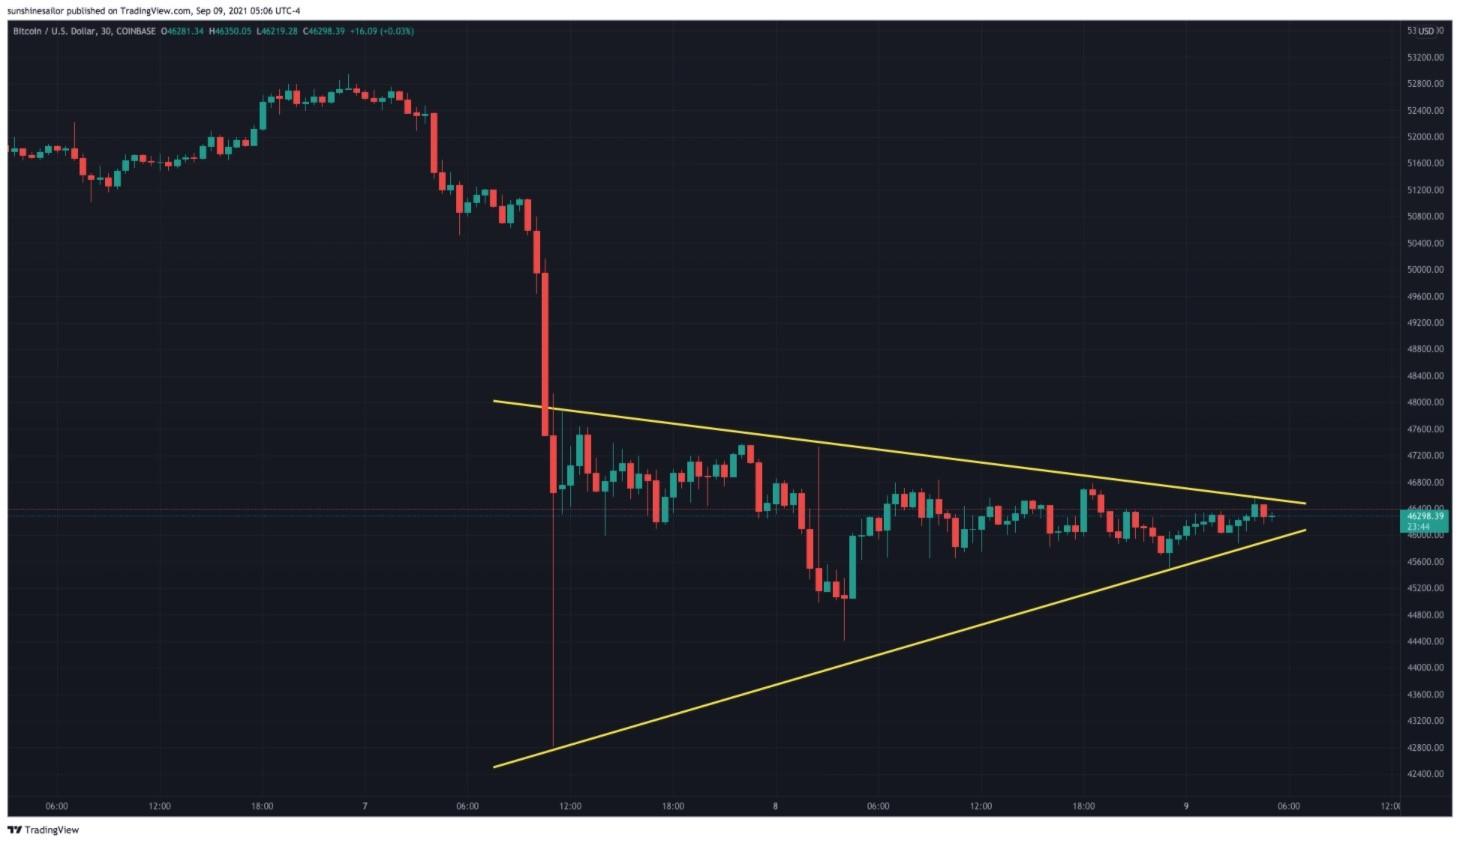 30-минутный график цен биткойна, Coinbase, в 5:06 утра по восточному времени 9 сентября 2021 года. (Tradingview/Screenshot via The Epoch Times)